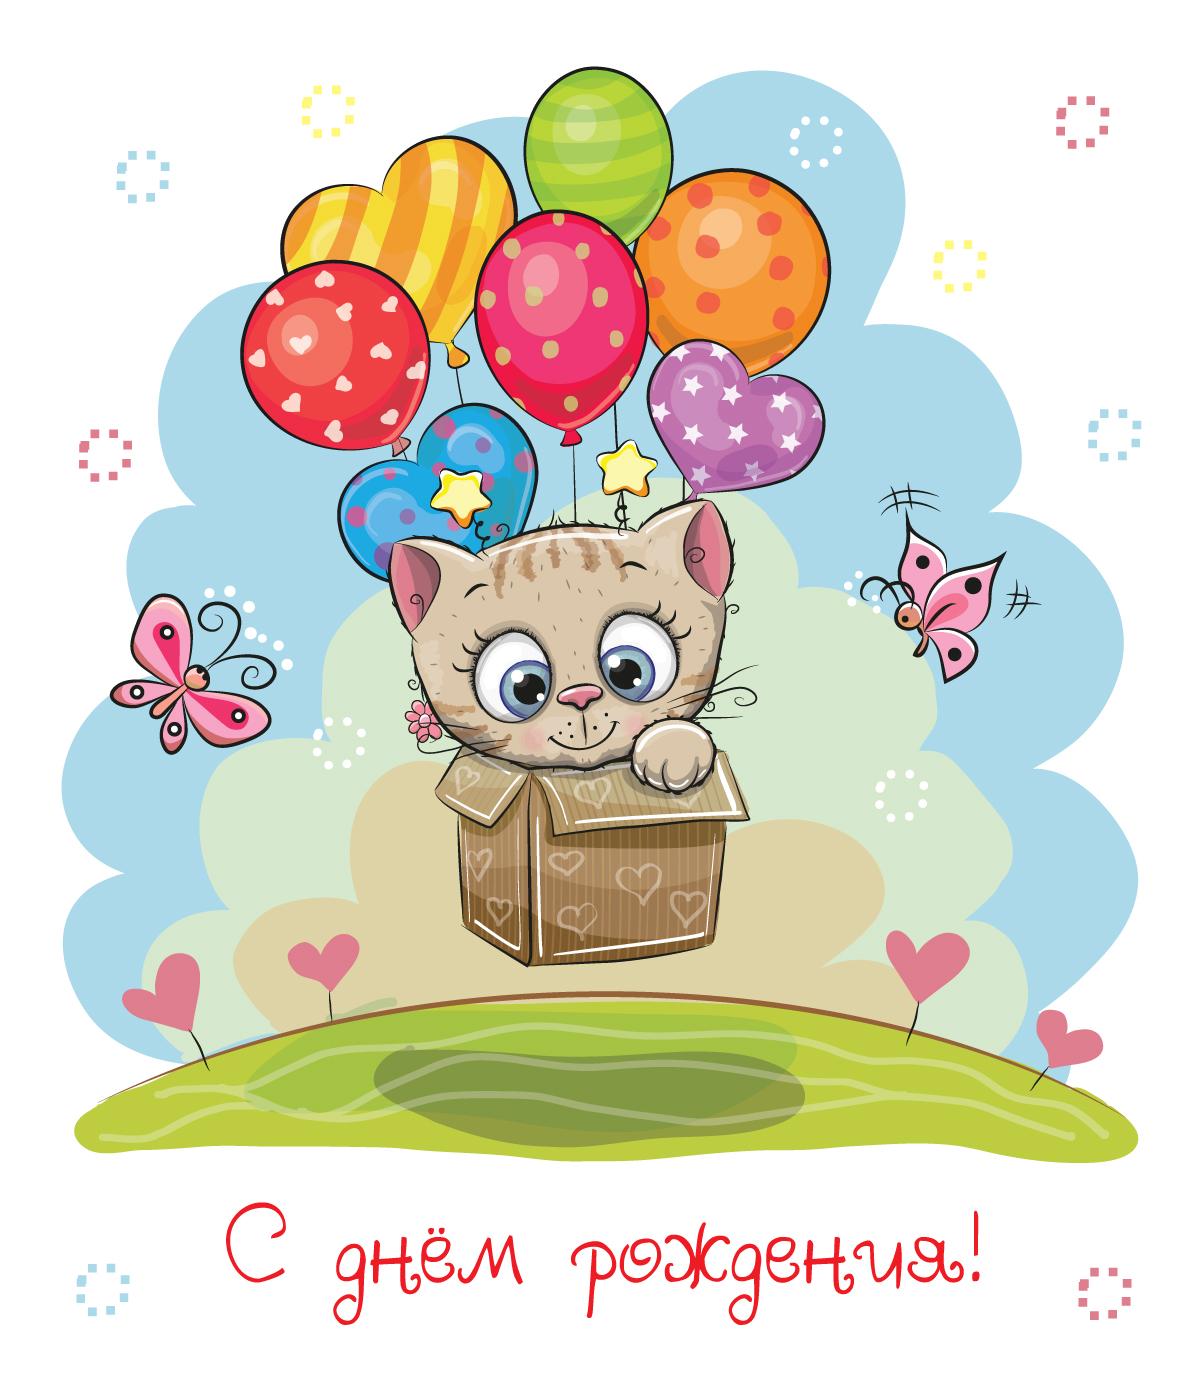 Картинки, доставка поздравительной открытки на дом